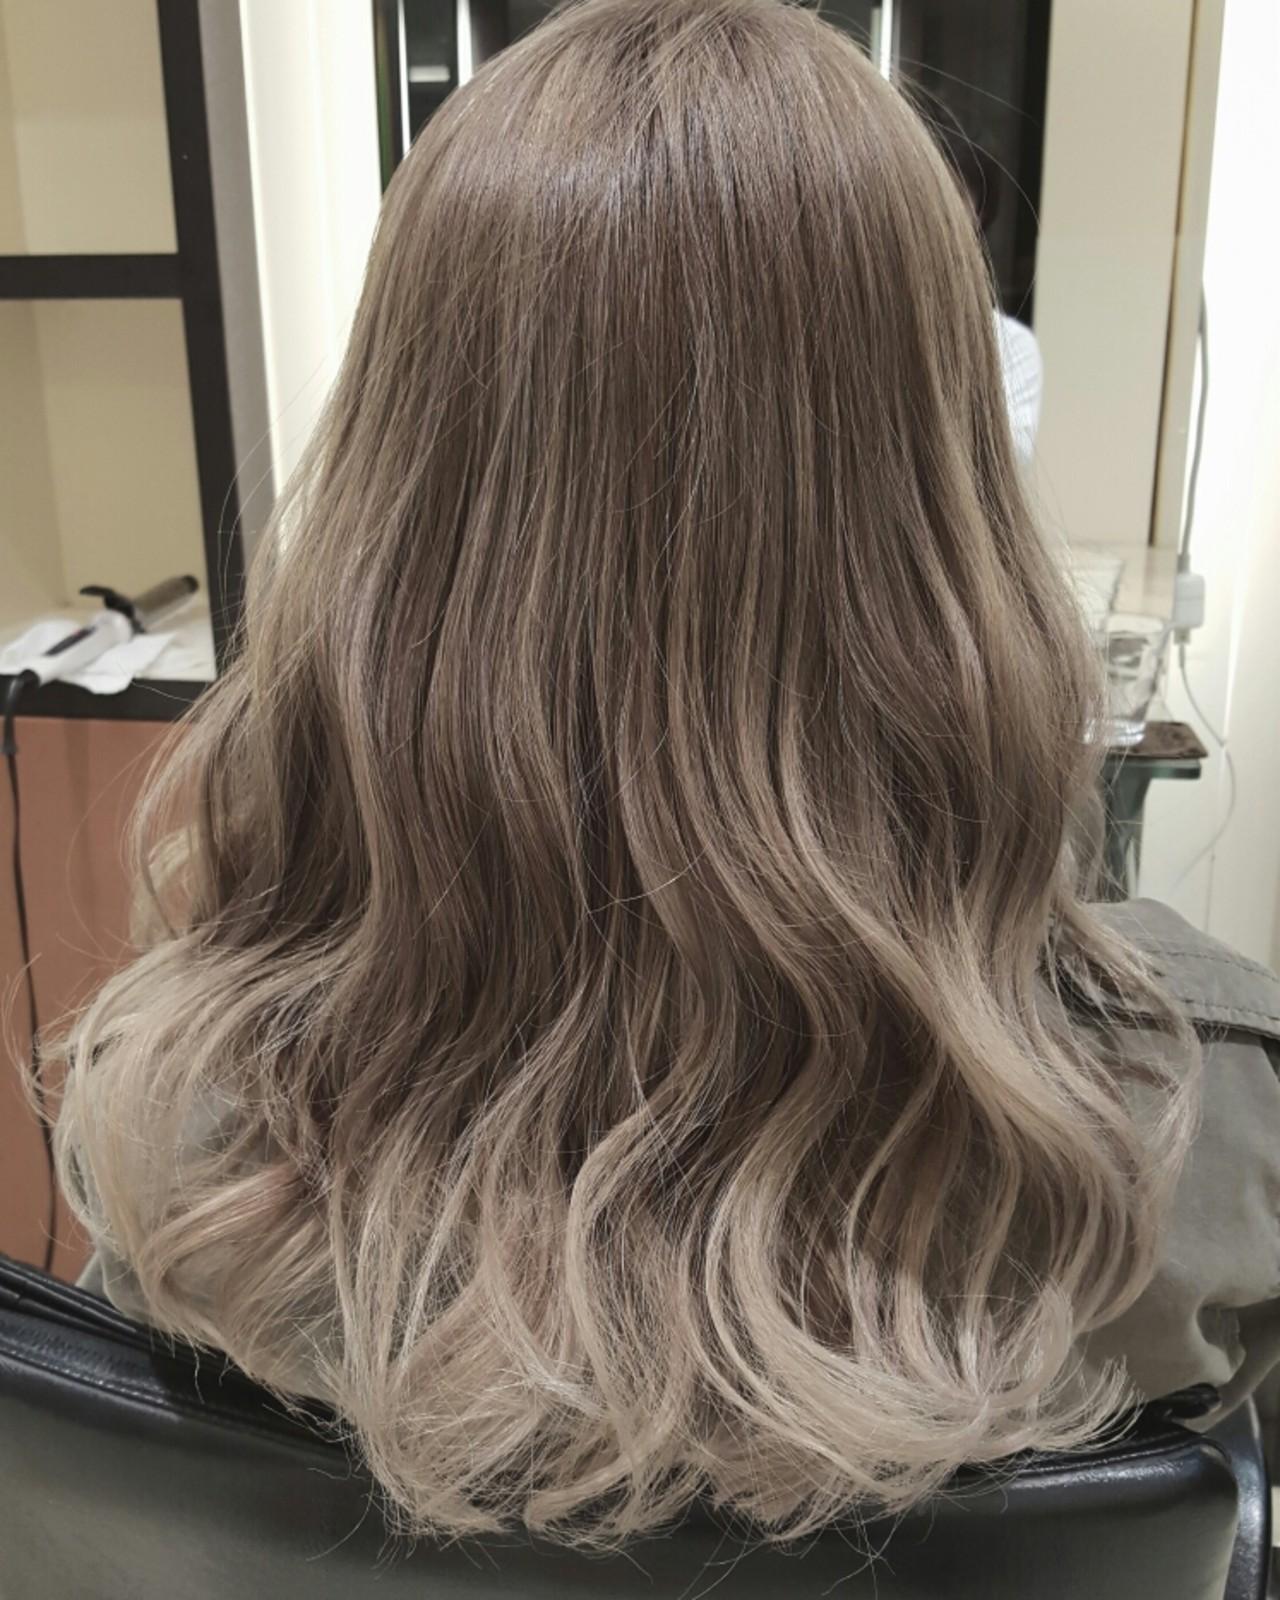 セミロング グラデーションカラー ハイライト アッシュ ヘアスタイルや髪型の写真・画像 | 小森谷裕人.oasis3142 / OASIS3142【表参道/青山】